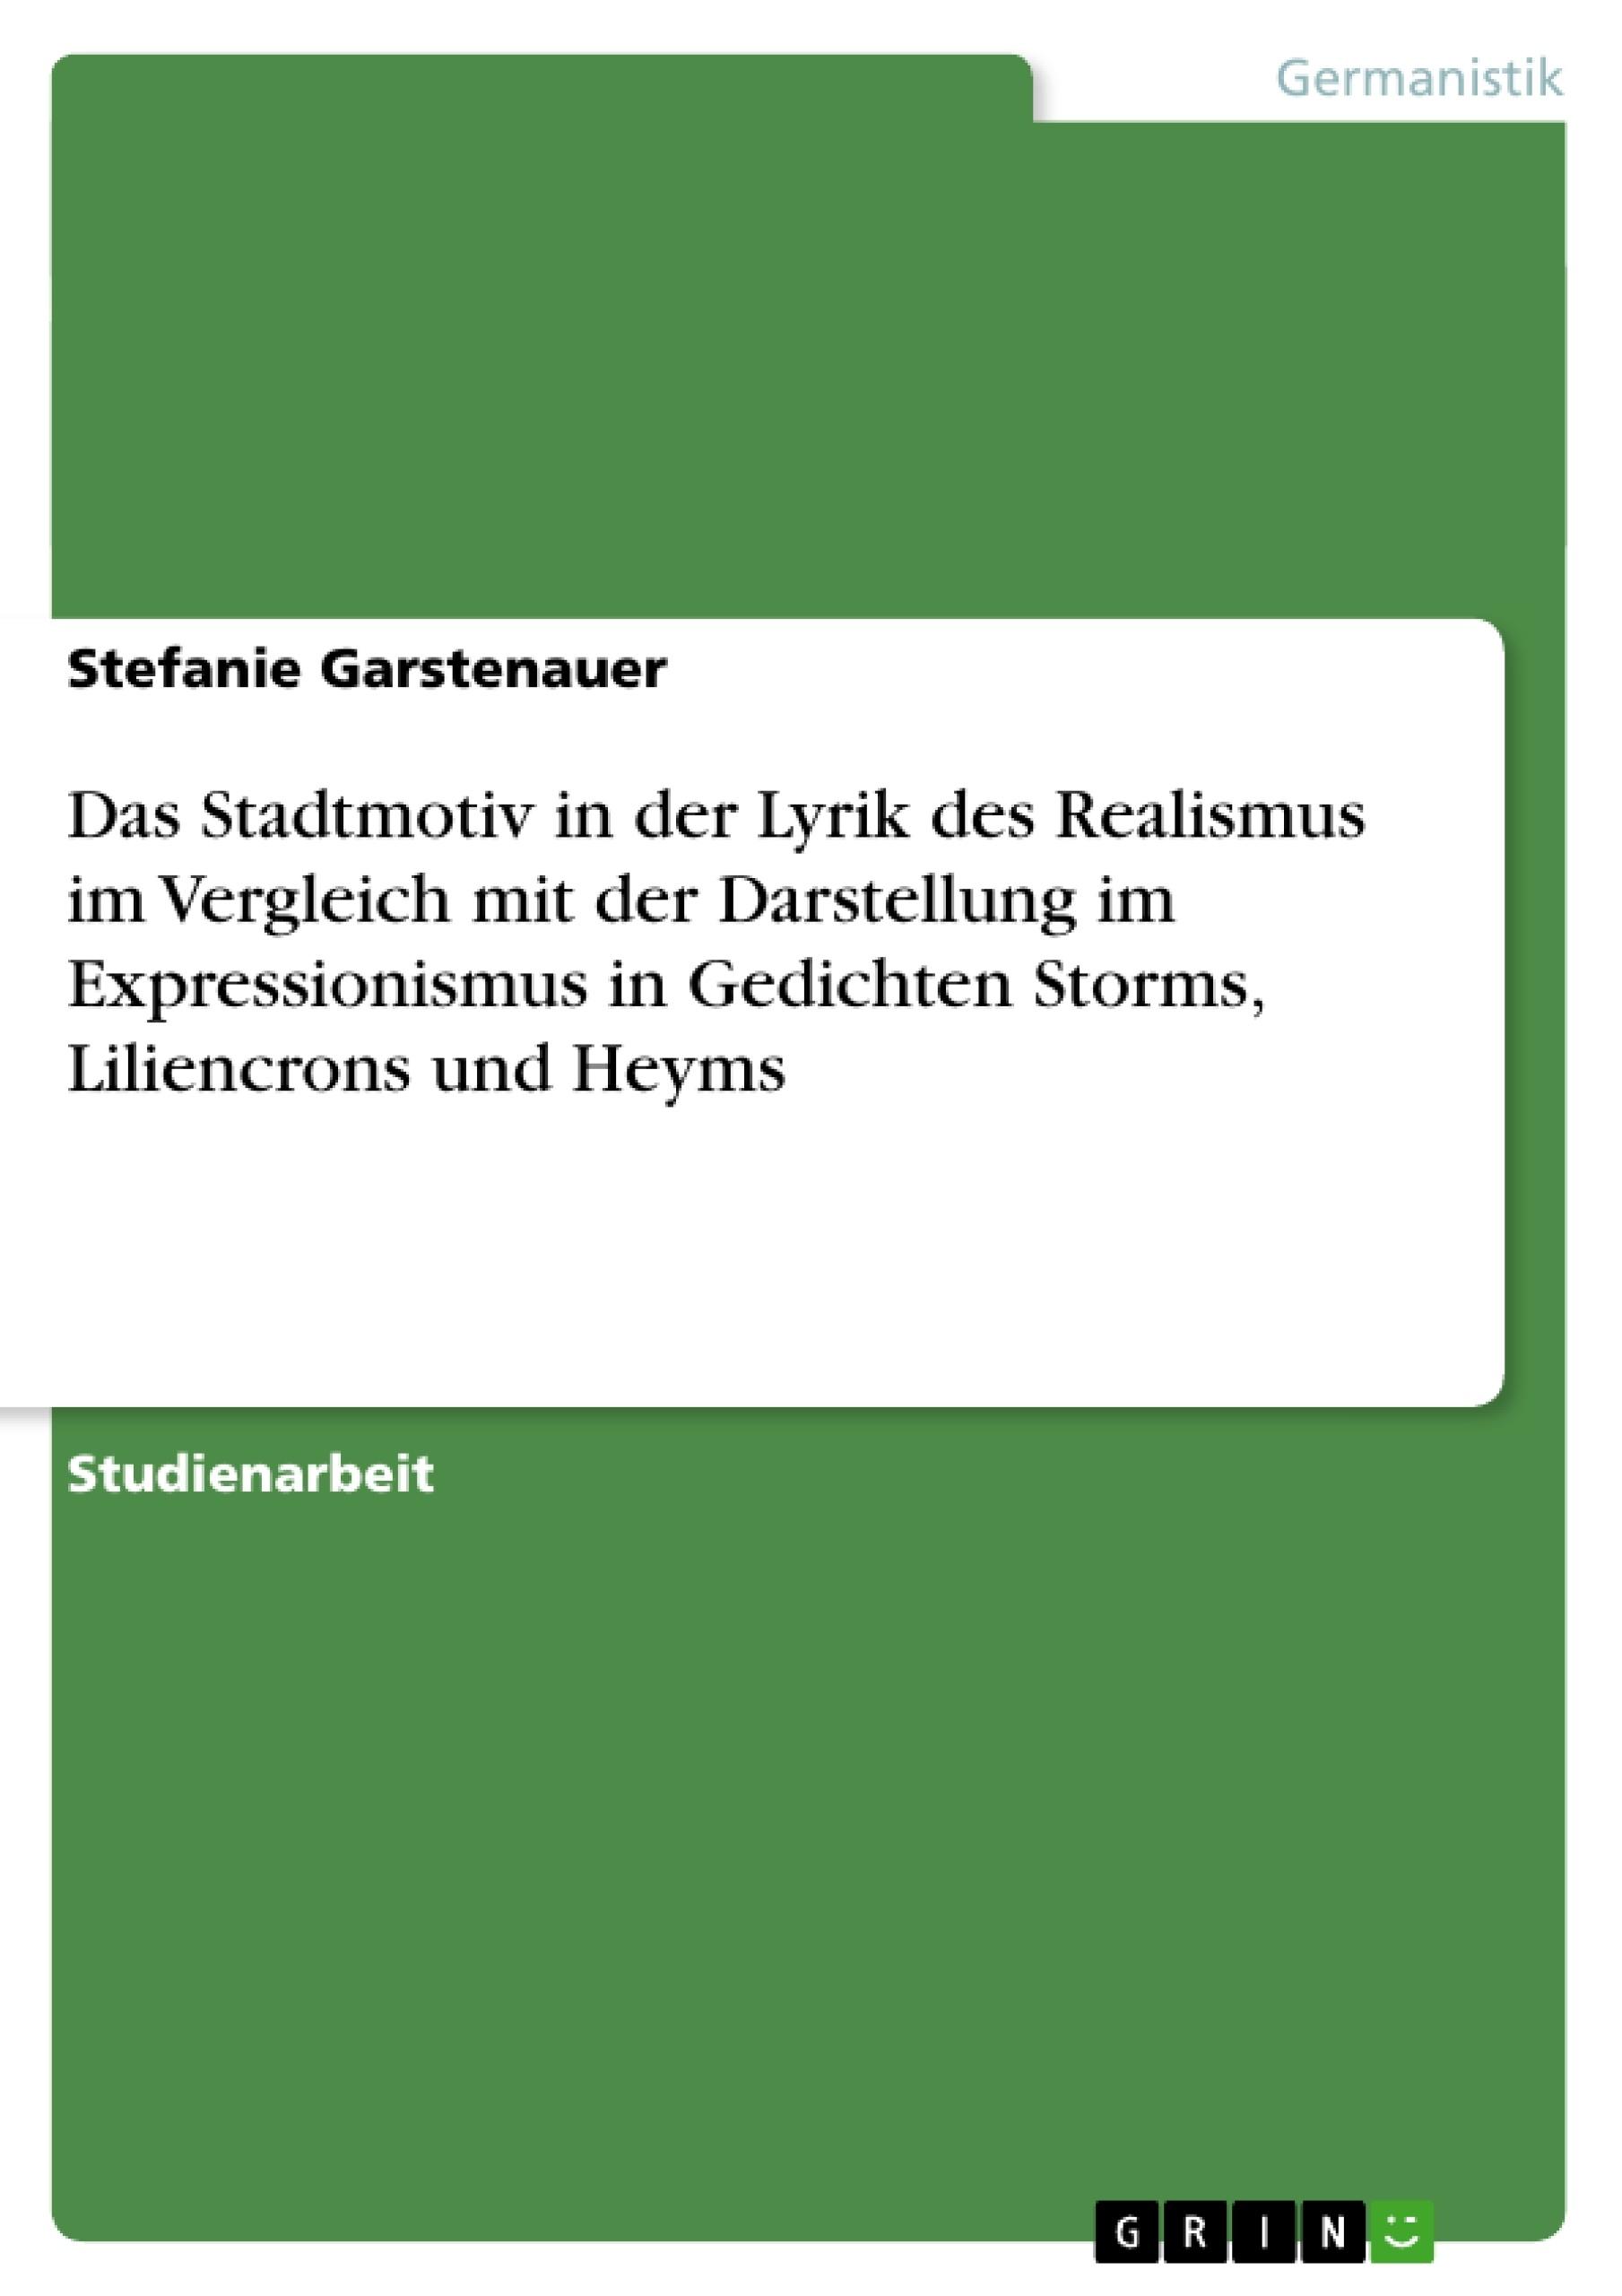 Titel: Das Stadtmotiv in der Lyrik des Realismus im Vergleich mit der Darstellung im Expressionismus in Gedichten Storms, Liliencrons und Heyms